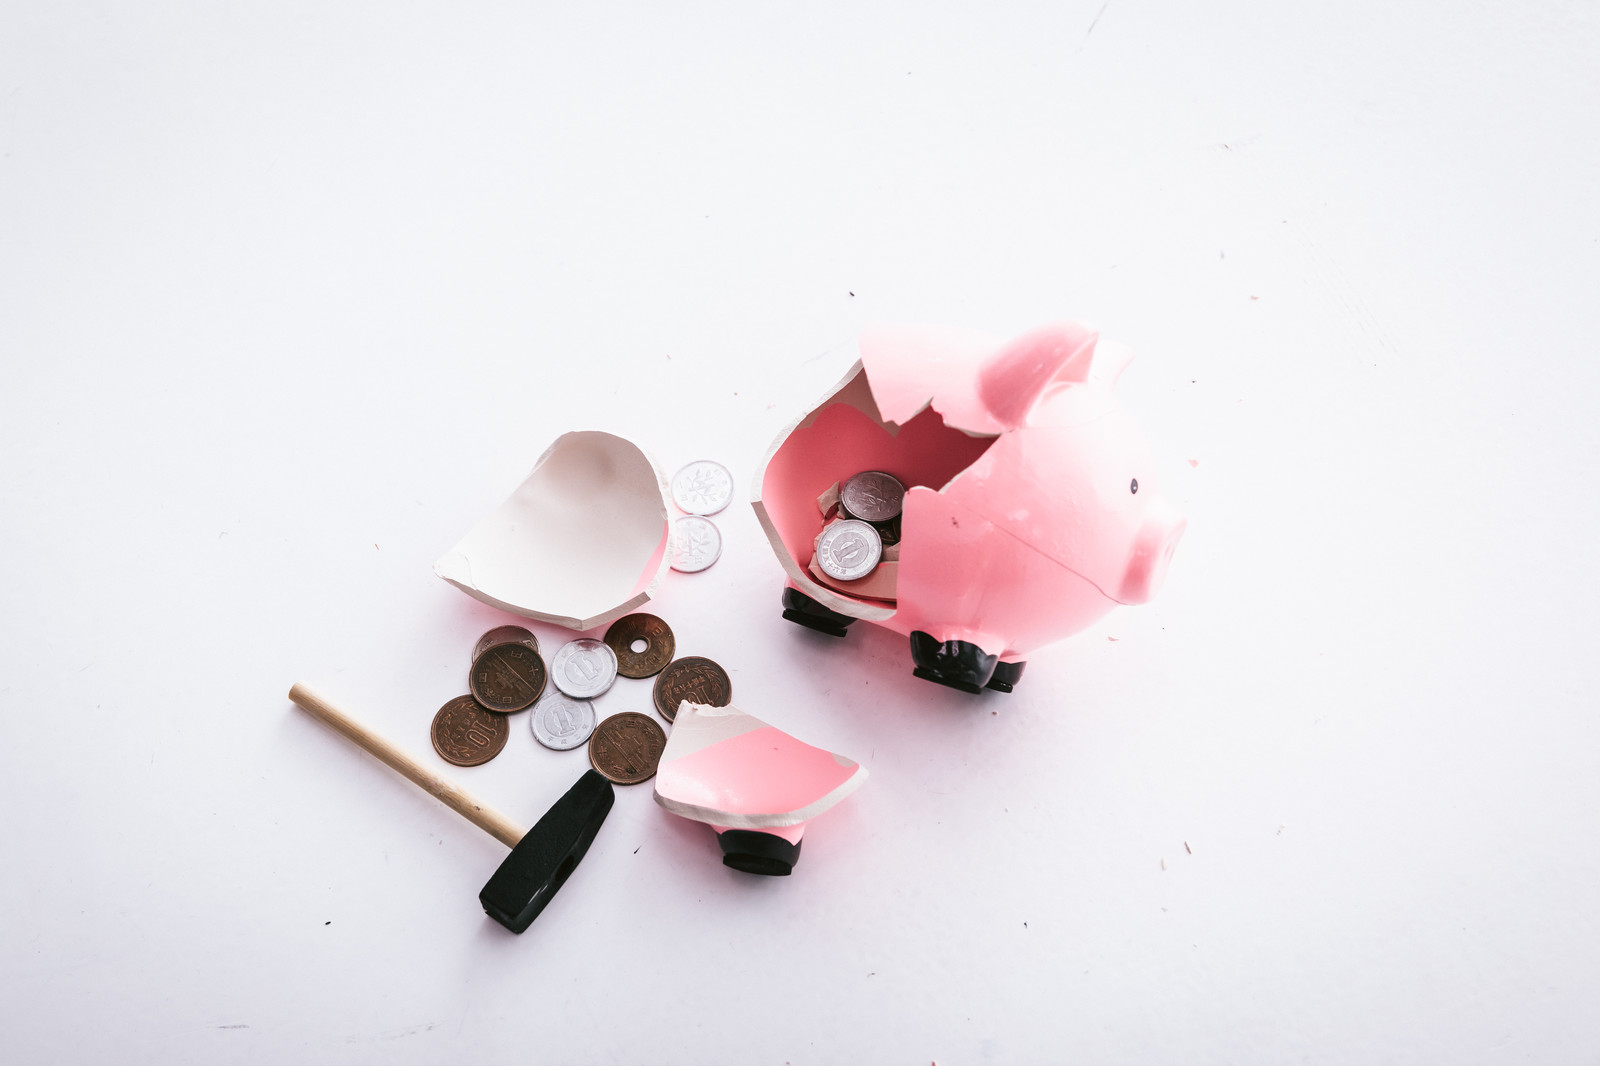 「割れた豚の貯金箱」の写真